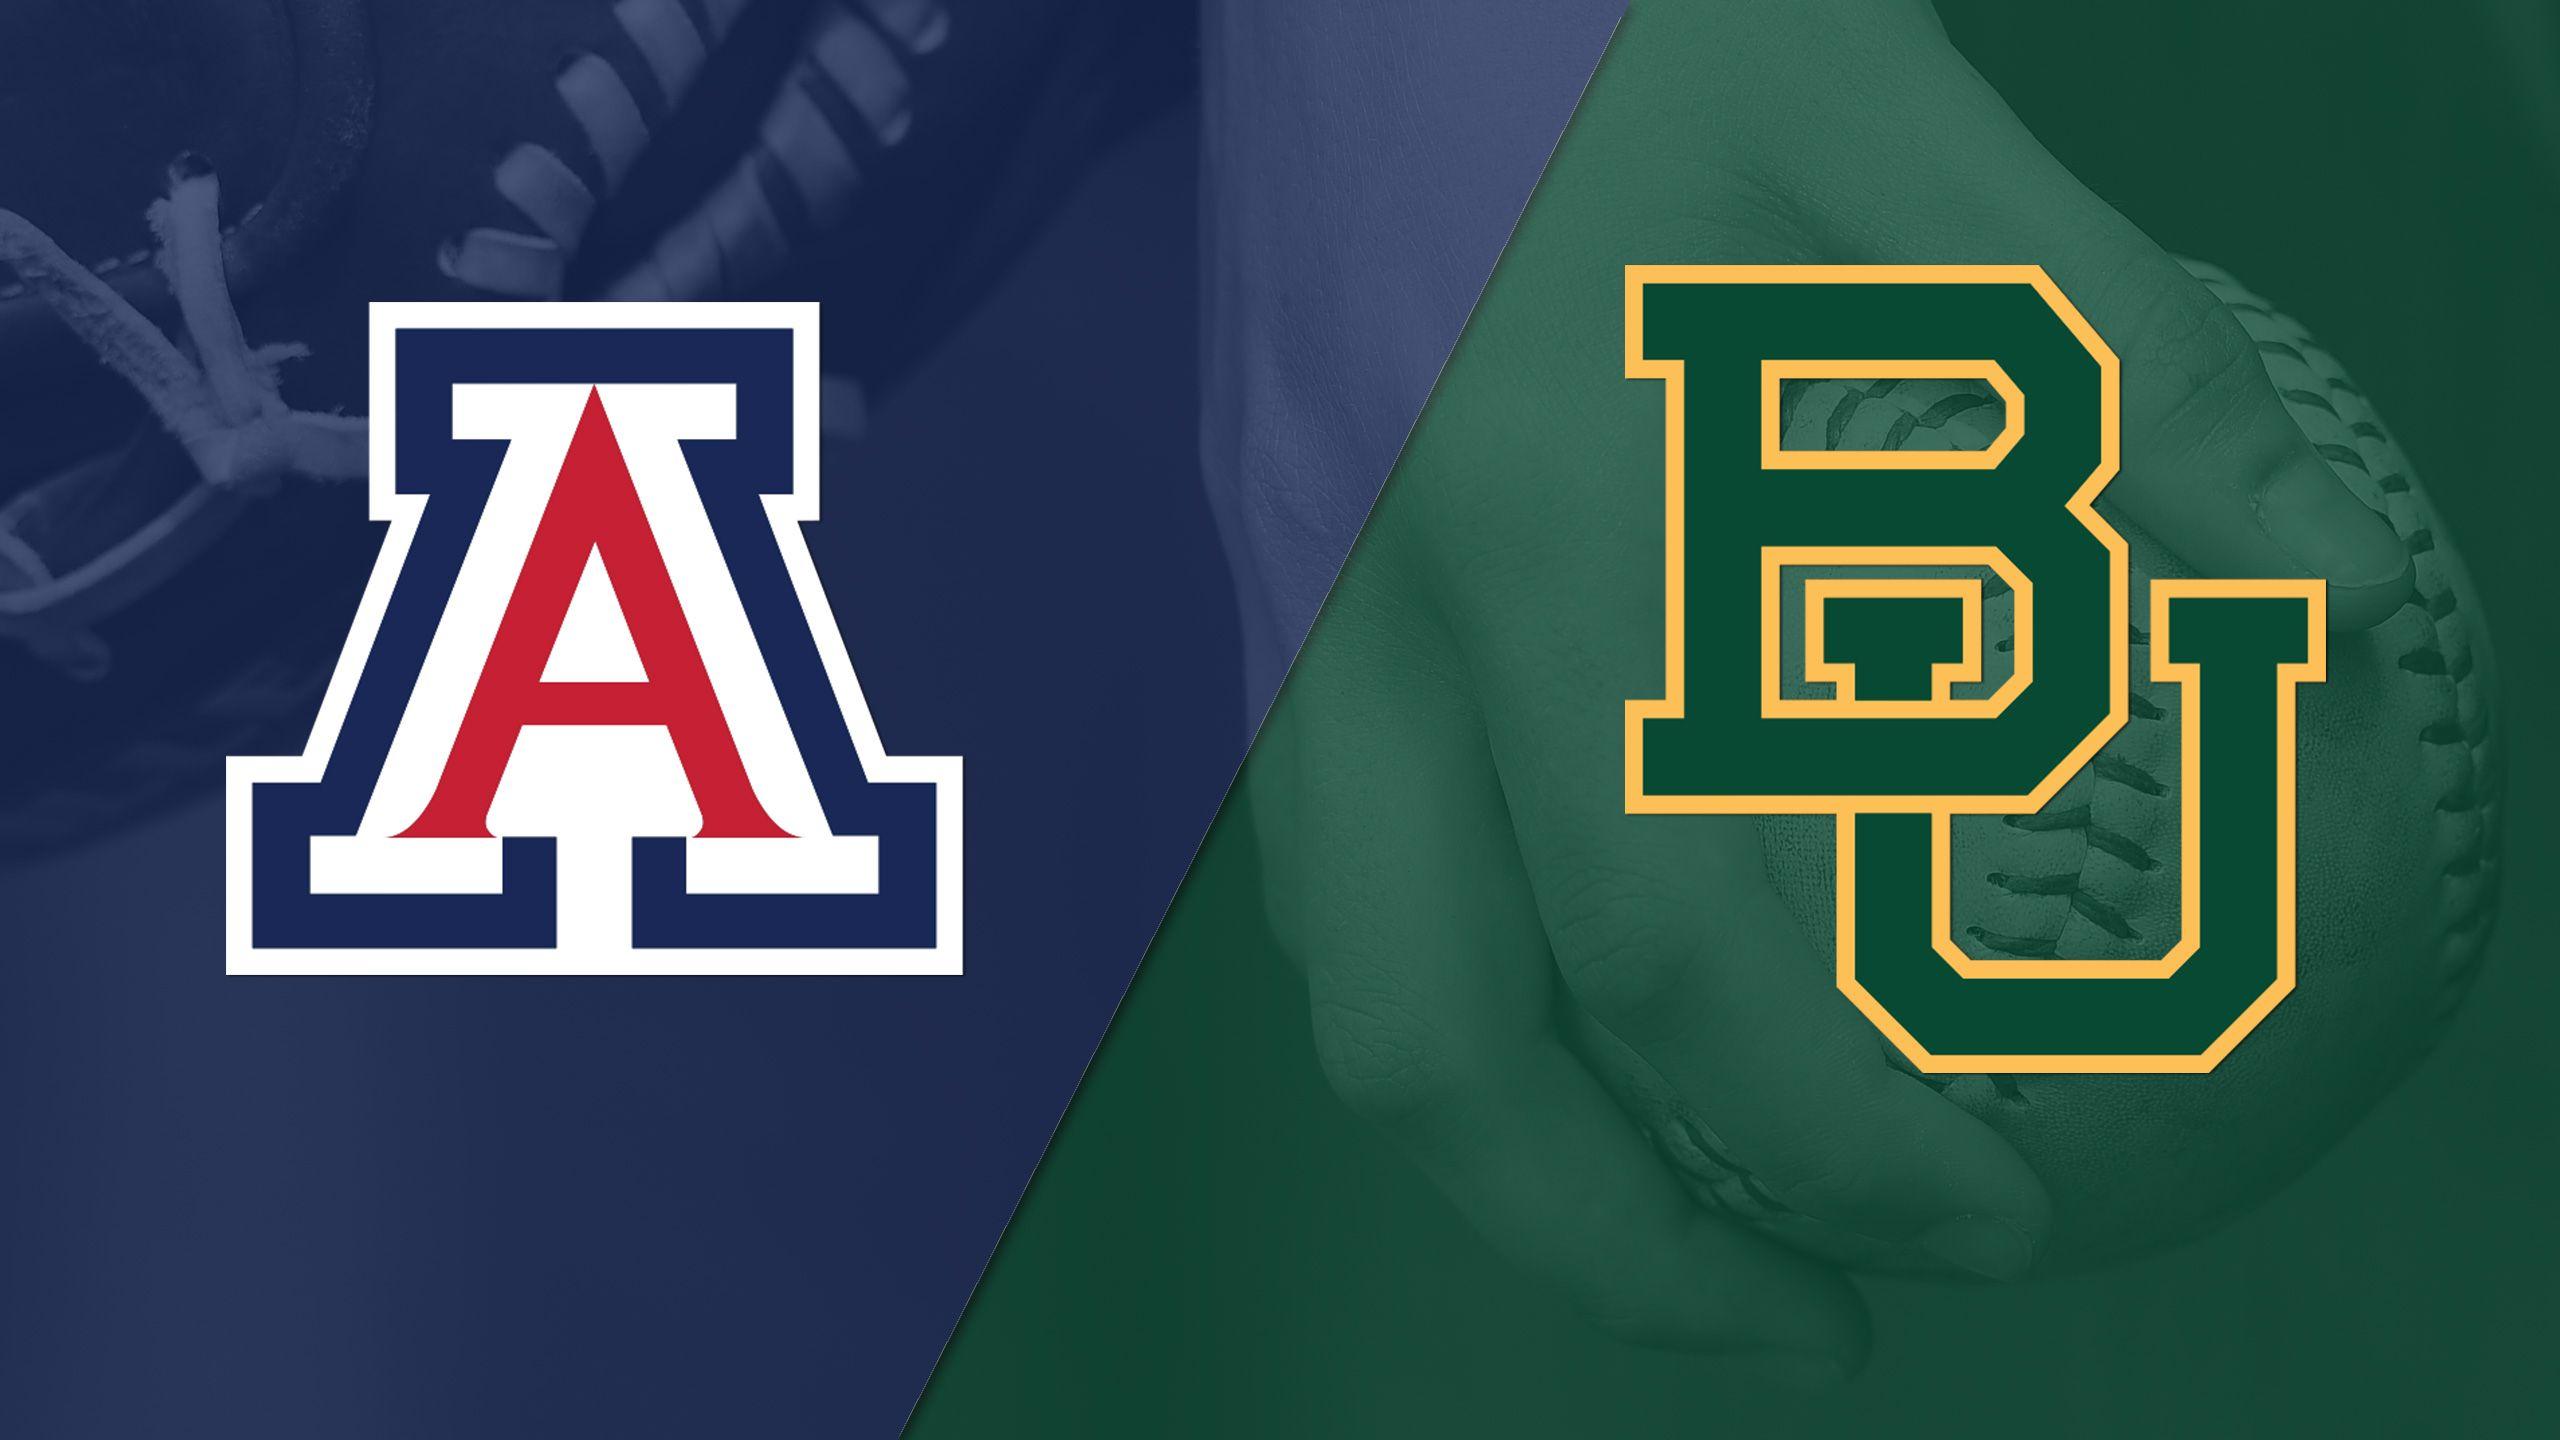 #2 Arizona vs. #15 Baylor (Site 7 / Game 2) (NCAA Softball Championship)